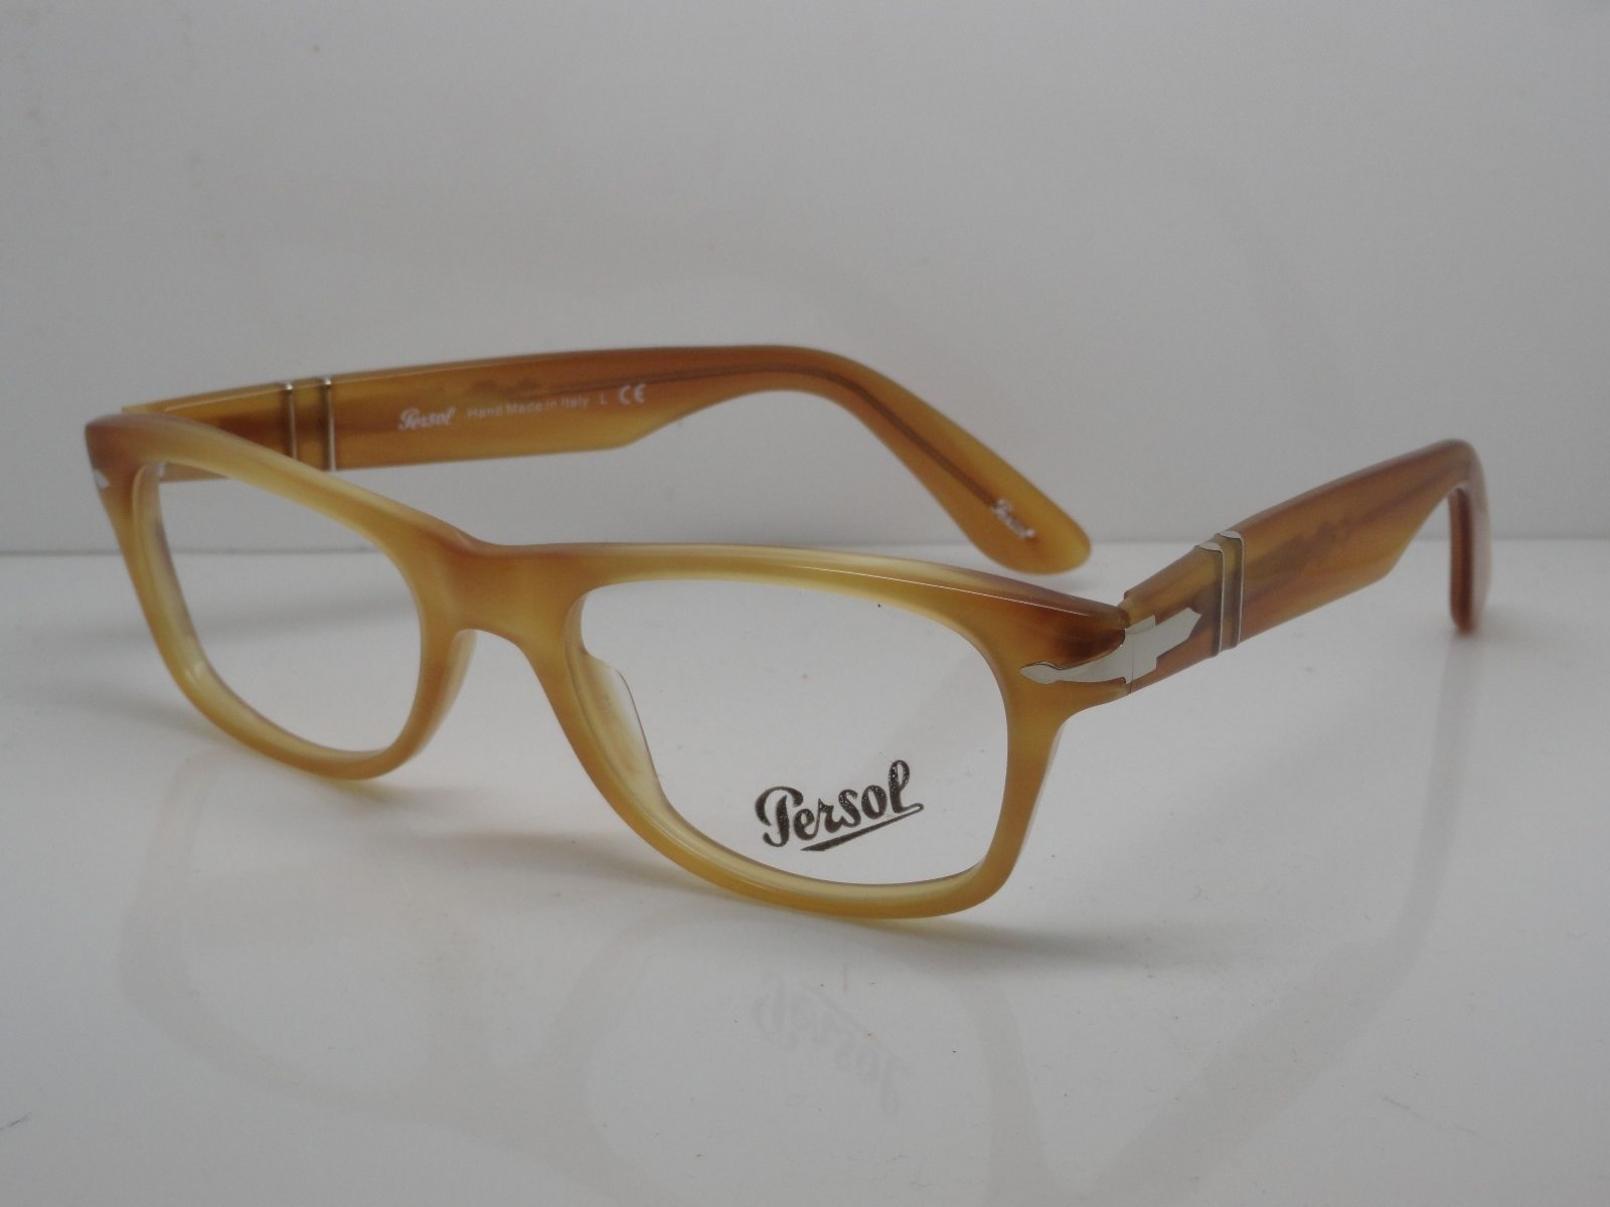 6c0c4f1a3d Persol 2975 Eyeglasses